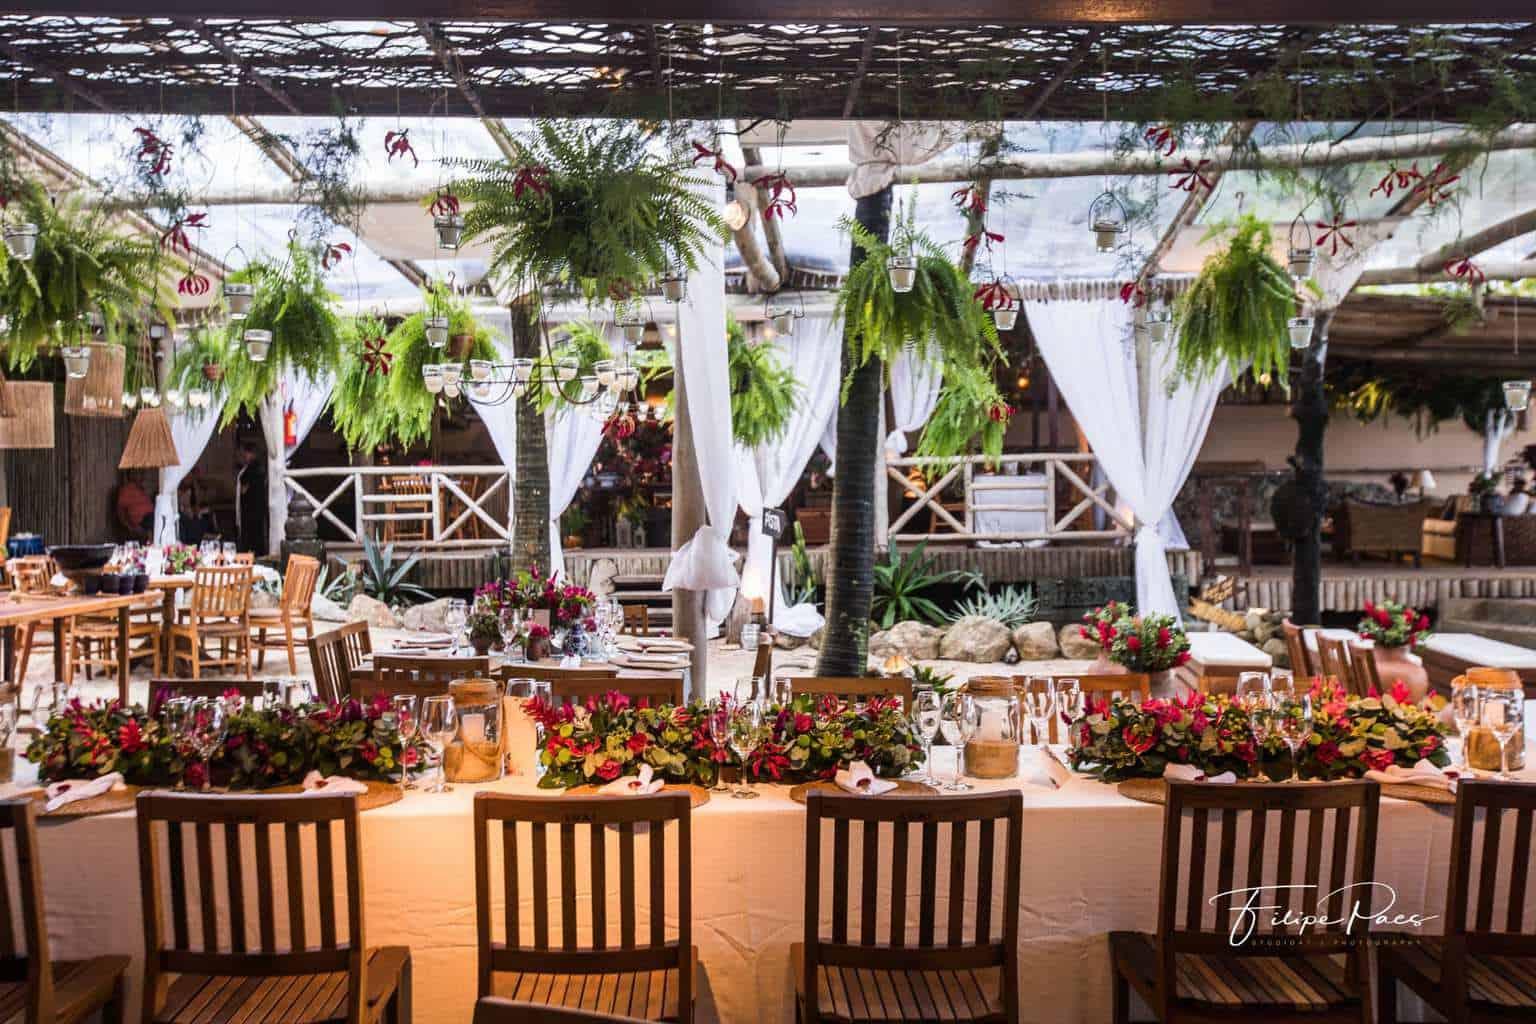 casamento-ao-ar-livre-casamento-de-dia-casamento-Maira-e-Erick-casamento-na-praia-decoração-Fotografia-Filipe-Paes-Studio-47-Luaia-Cabanas-Maresias-São-Paulo-5-1